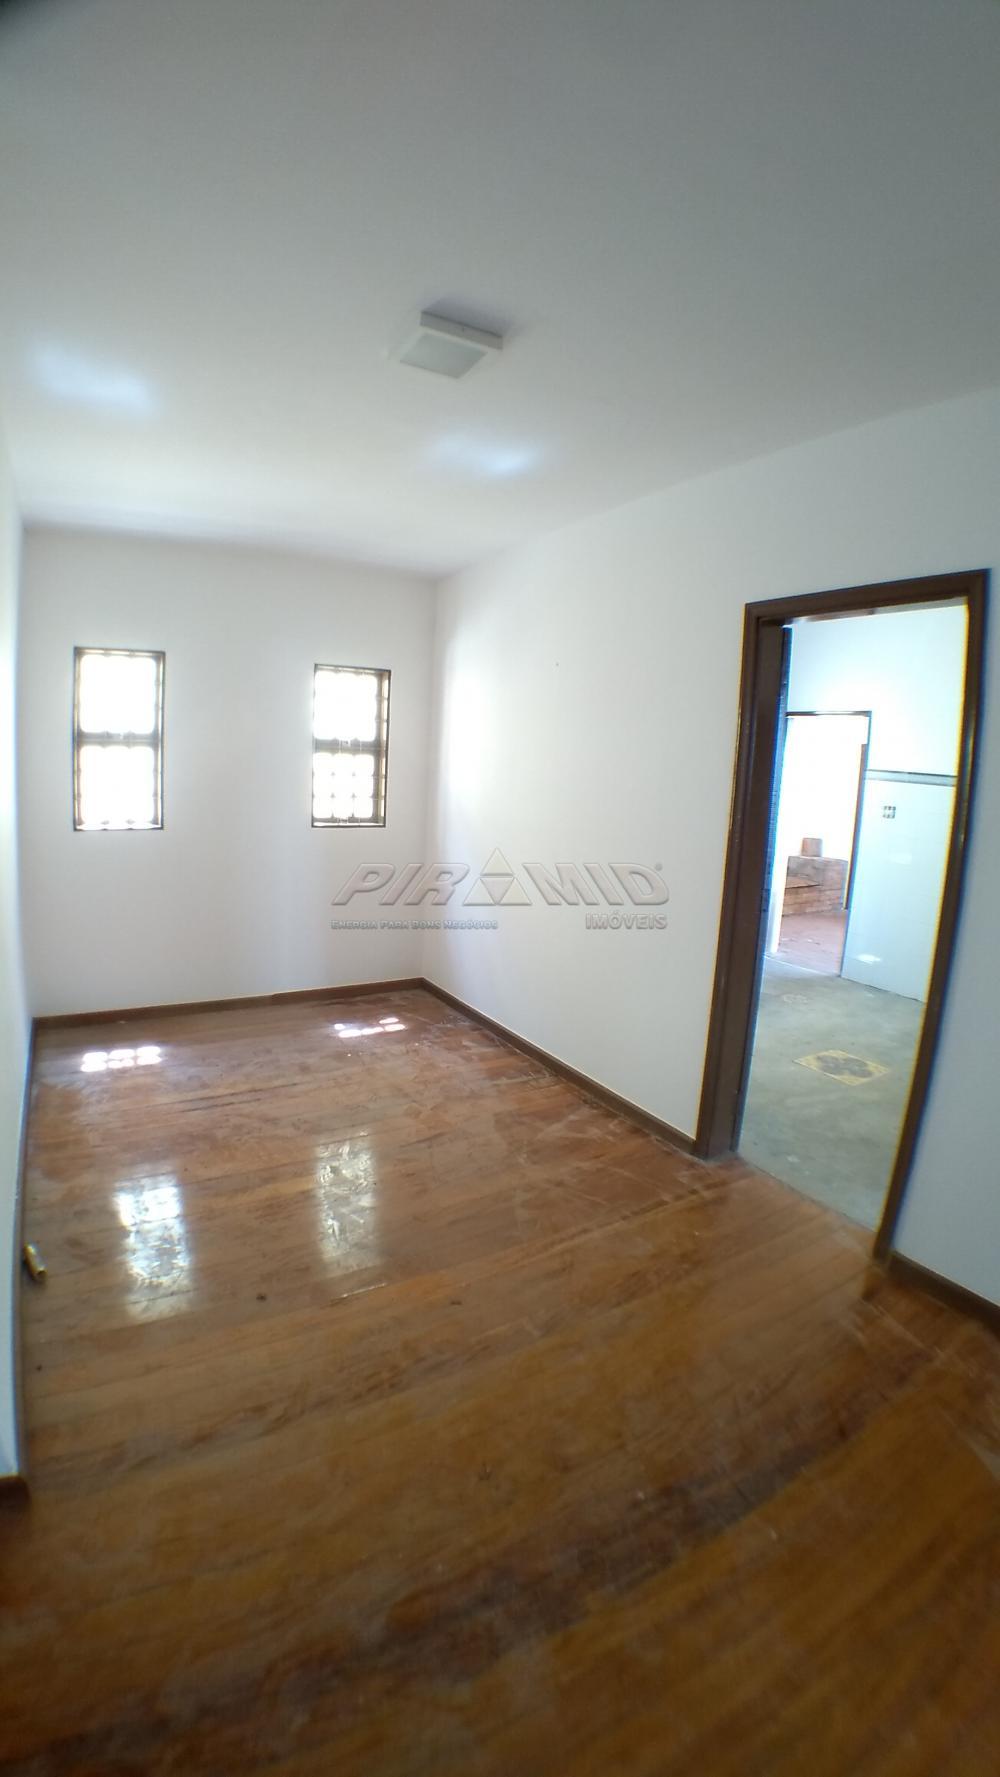 Alugar Casa / Padrão em Ribeirão Preto apenas R$ 3.400,00 - Foto 5